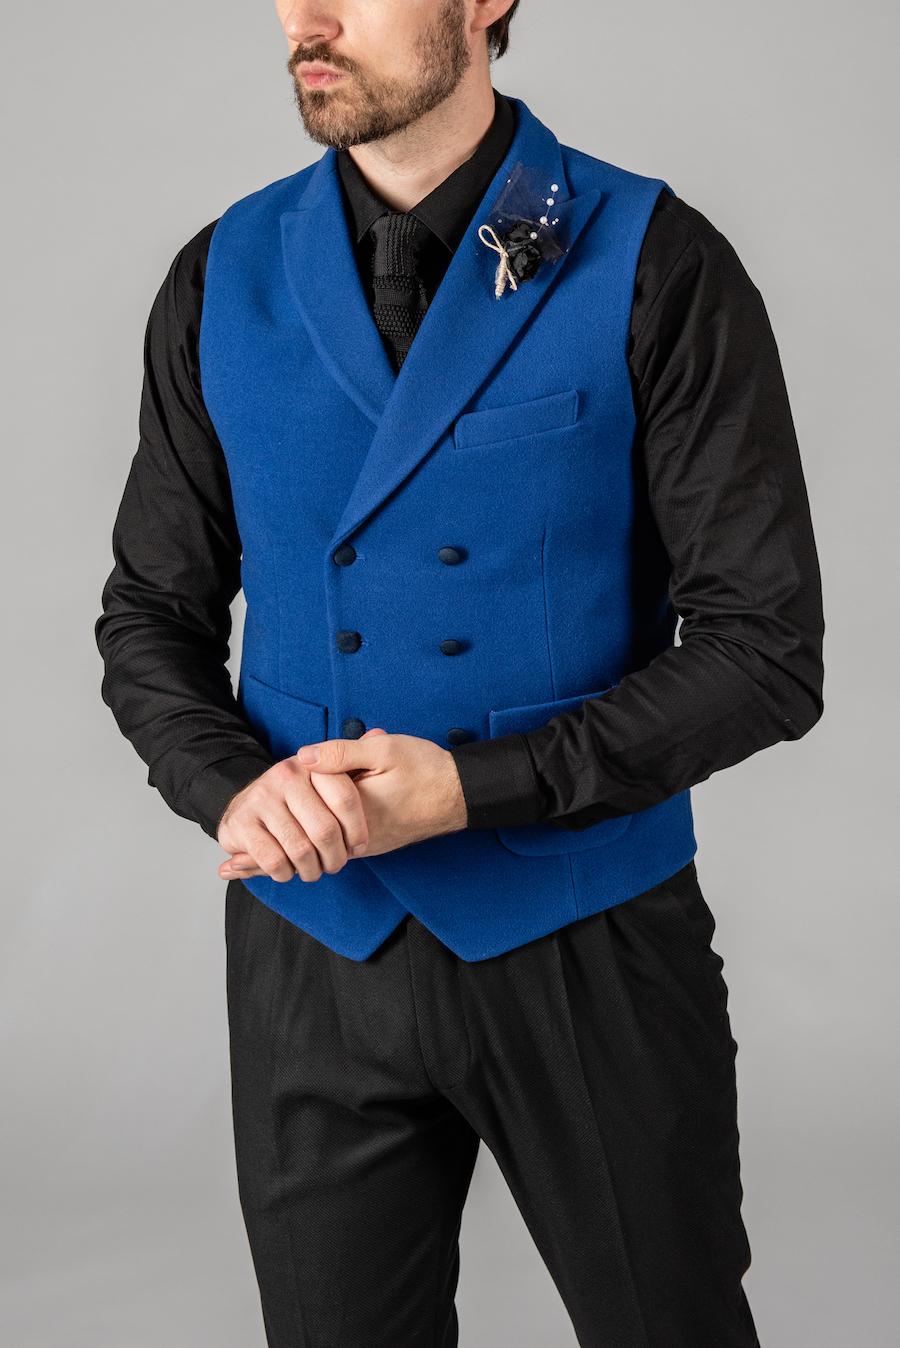 Стильный жилет насыщенного синего цвета. Арт.: 3-1428-3